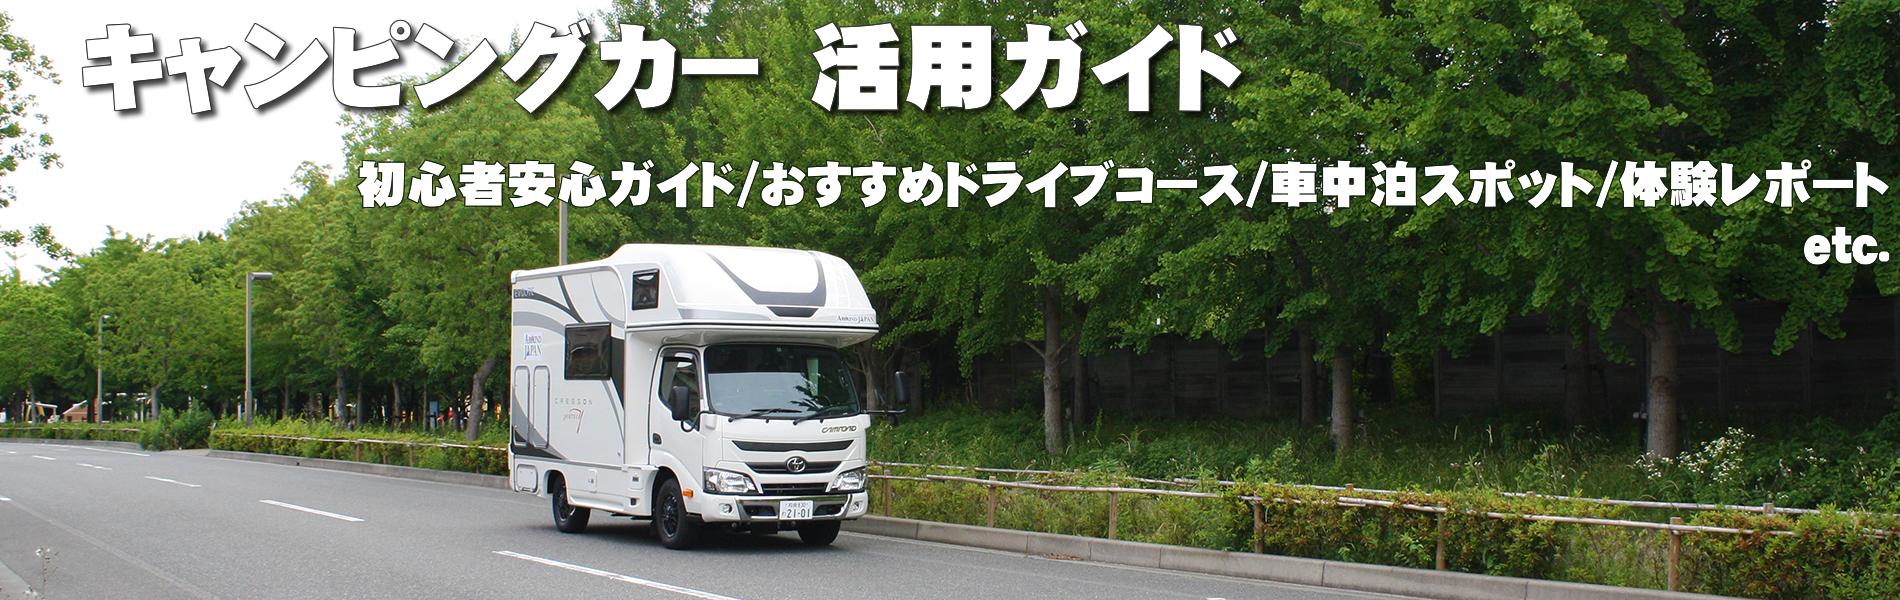 キャンピングカー ドライブ・ガイド